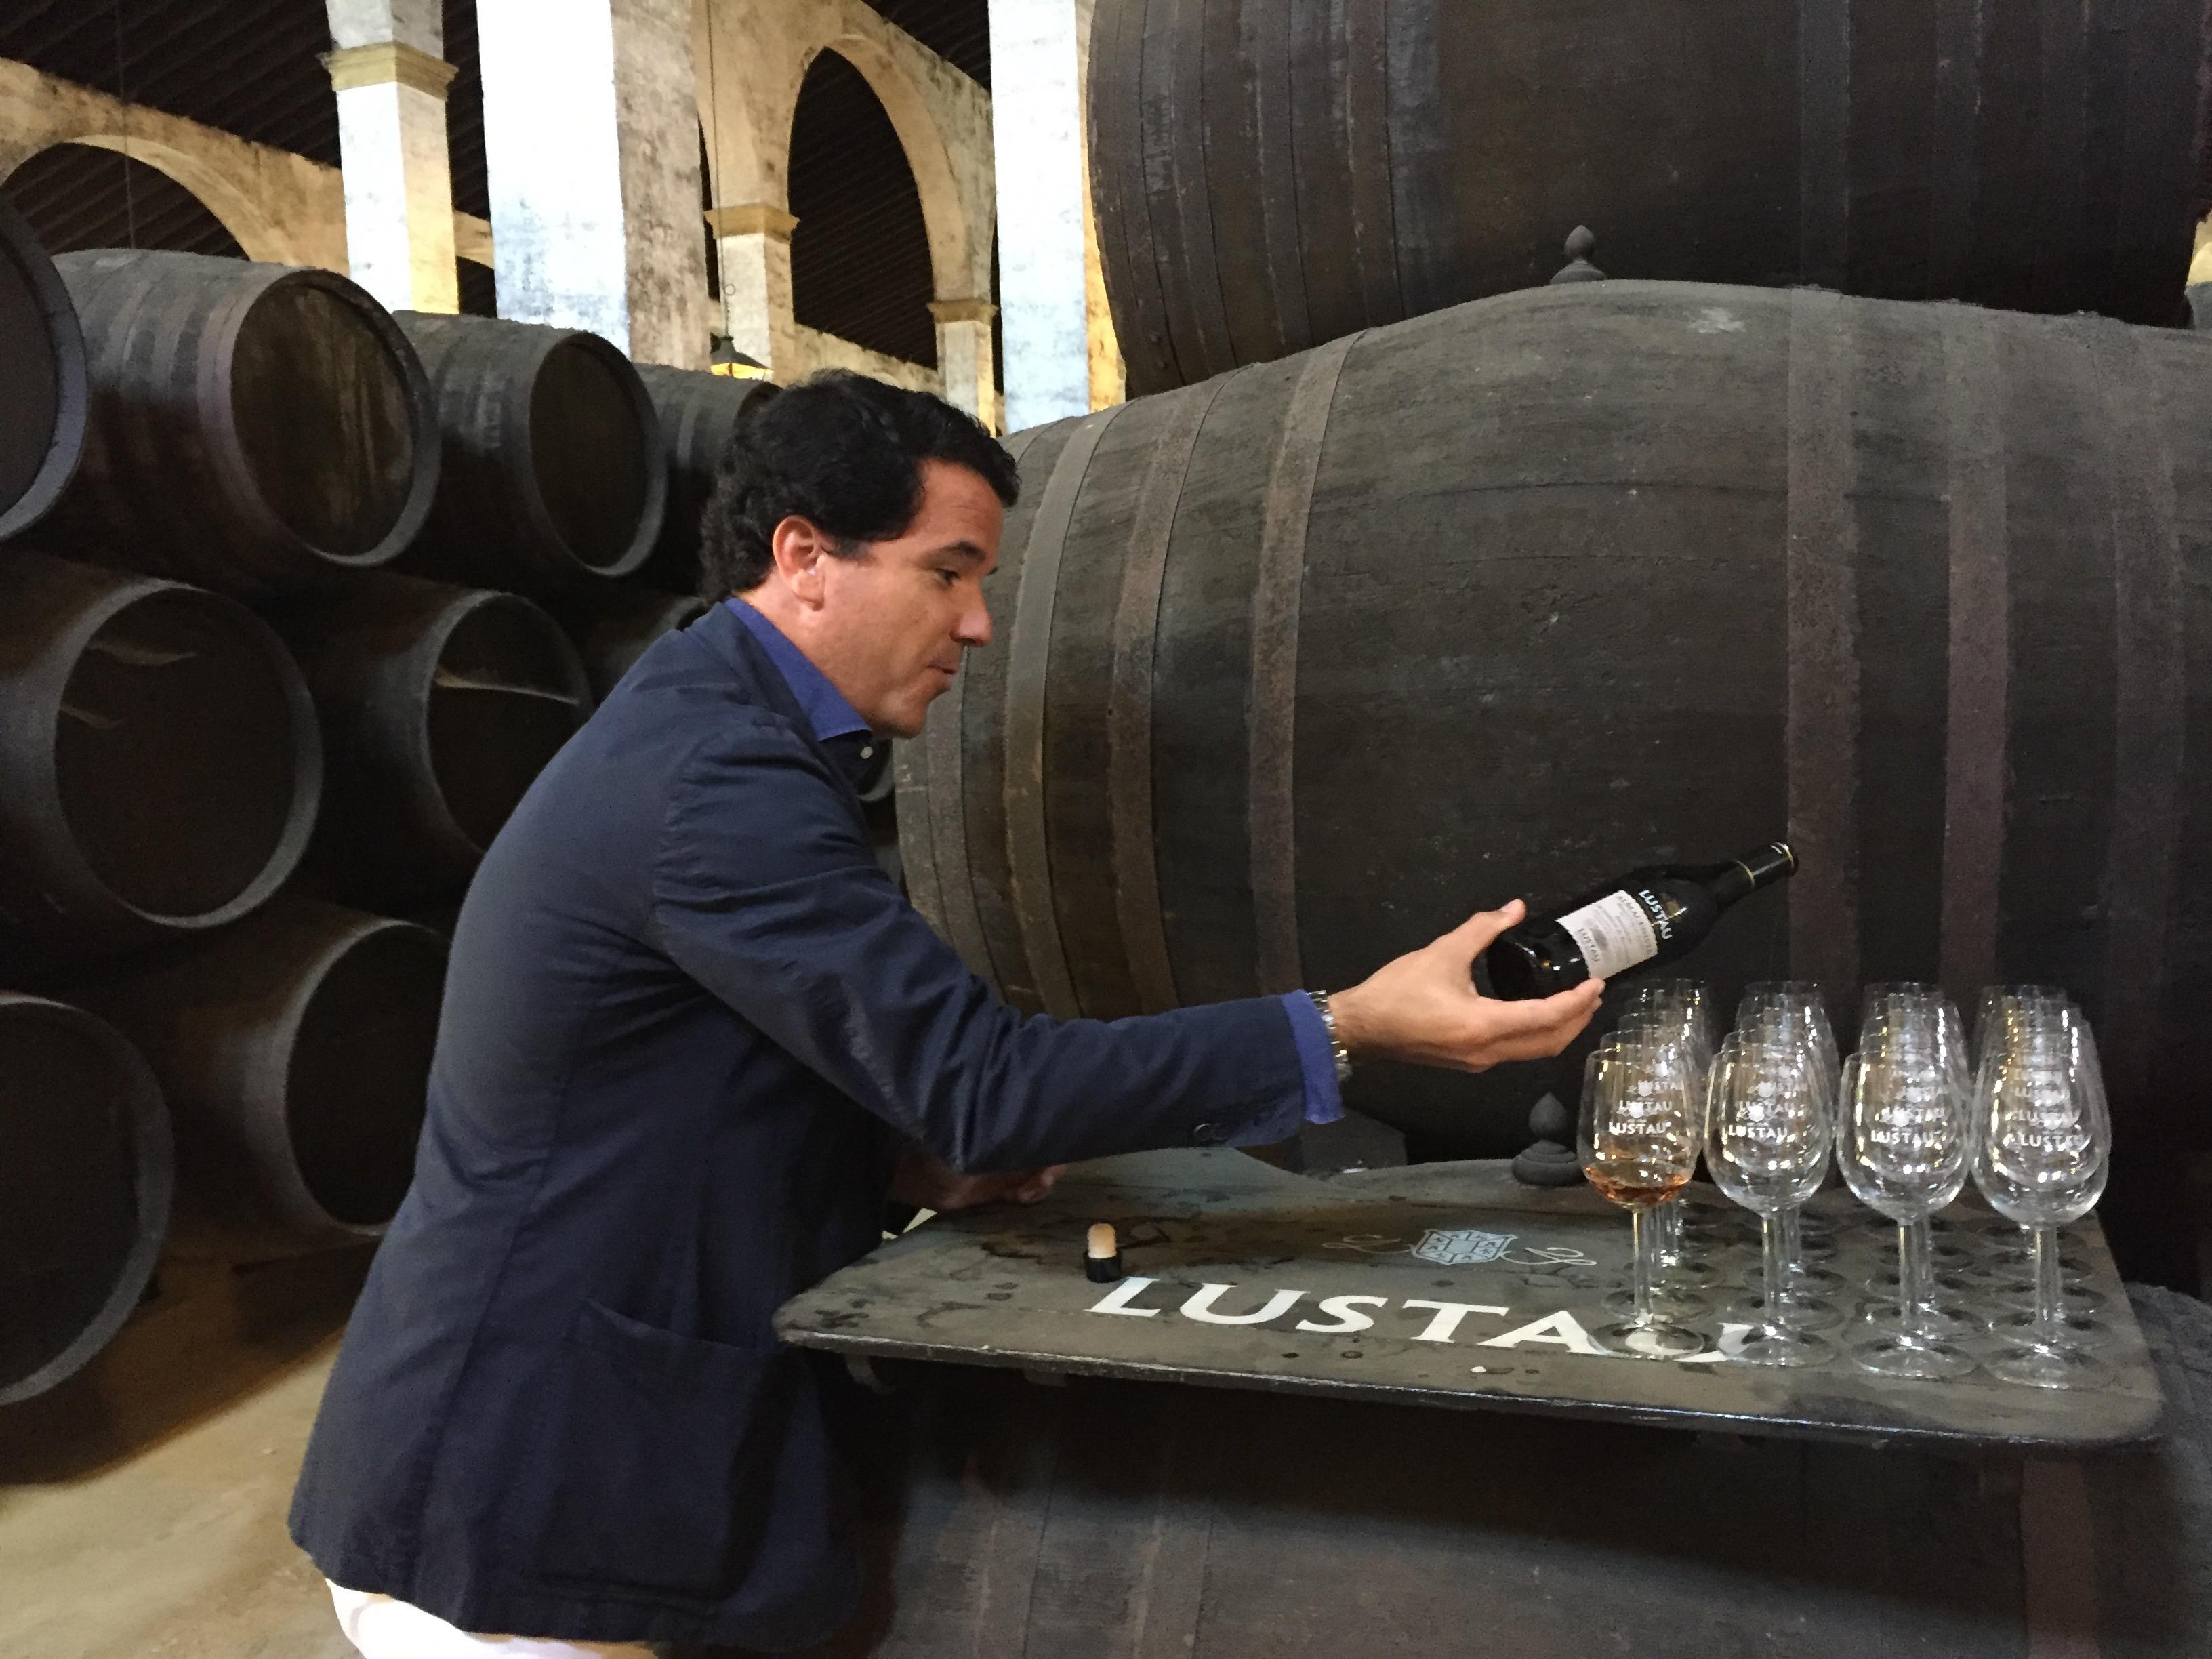 西班牙雪莉酒官方认证讲师之旅第2张-葡萄酒博客